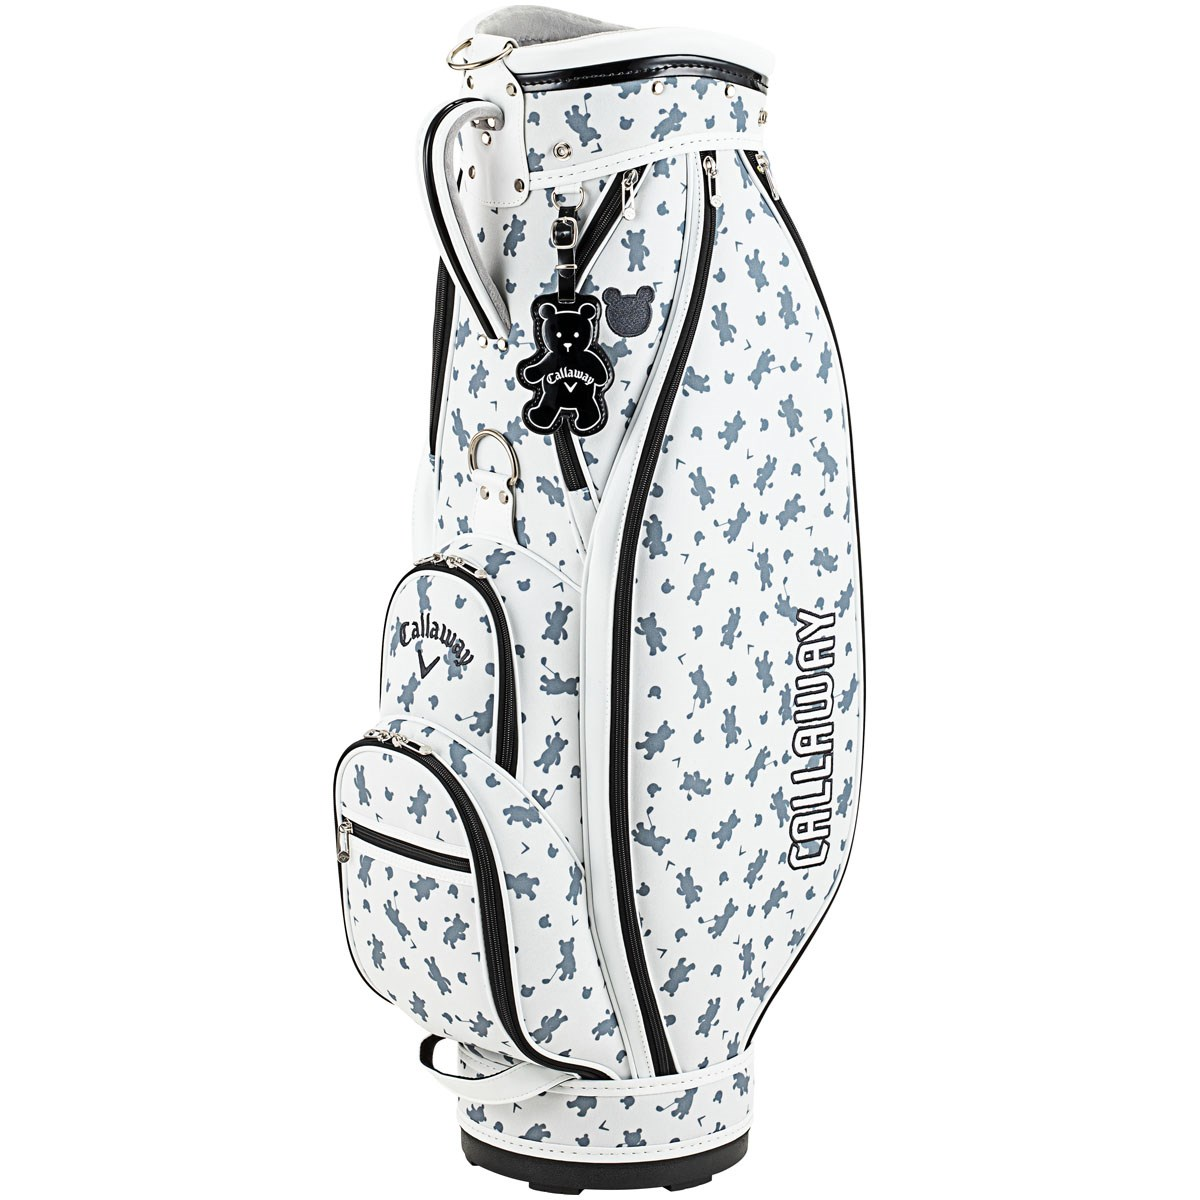 キャロウェイゴルフ Callaway Golf BEAR キャディバッグ ホワイト レディス